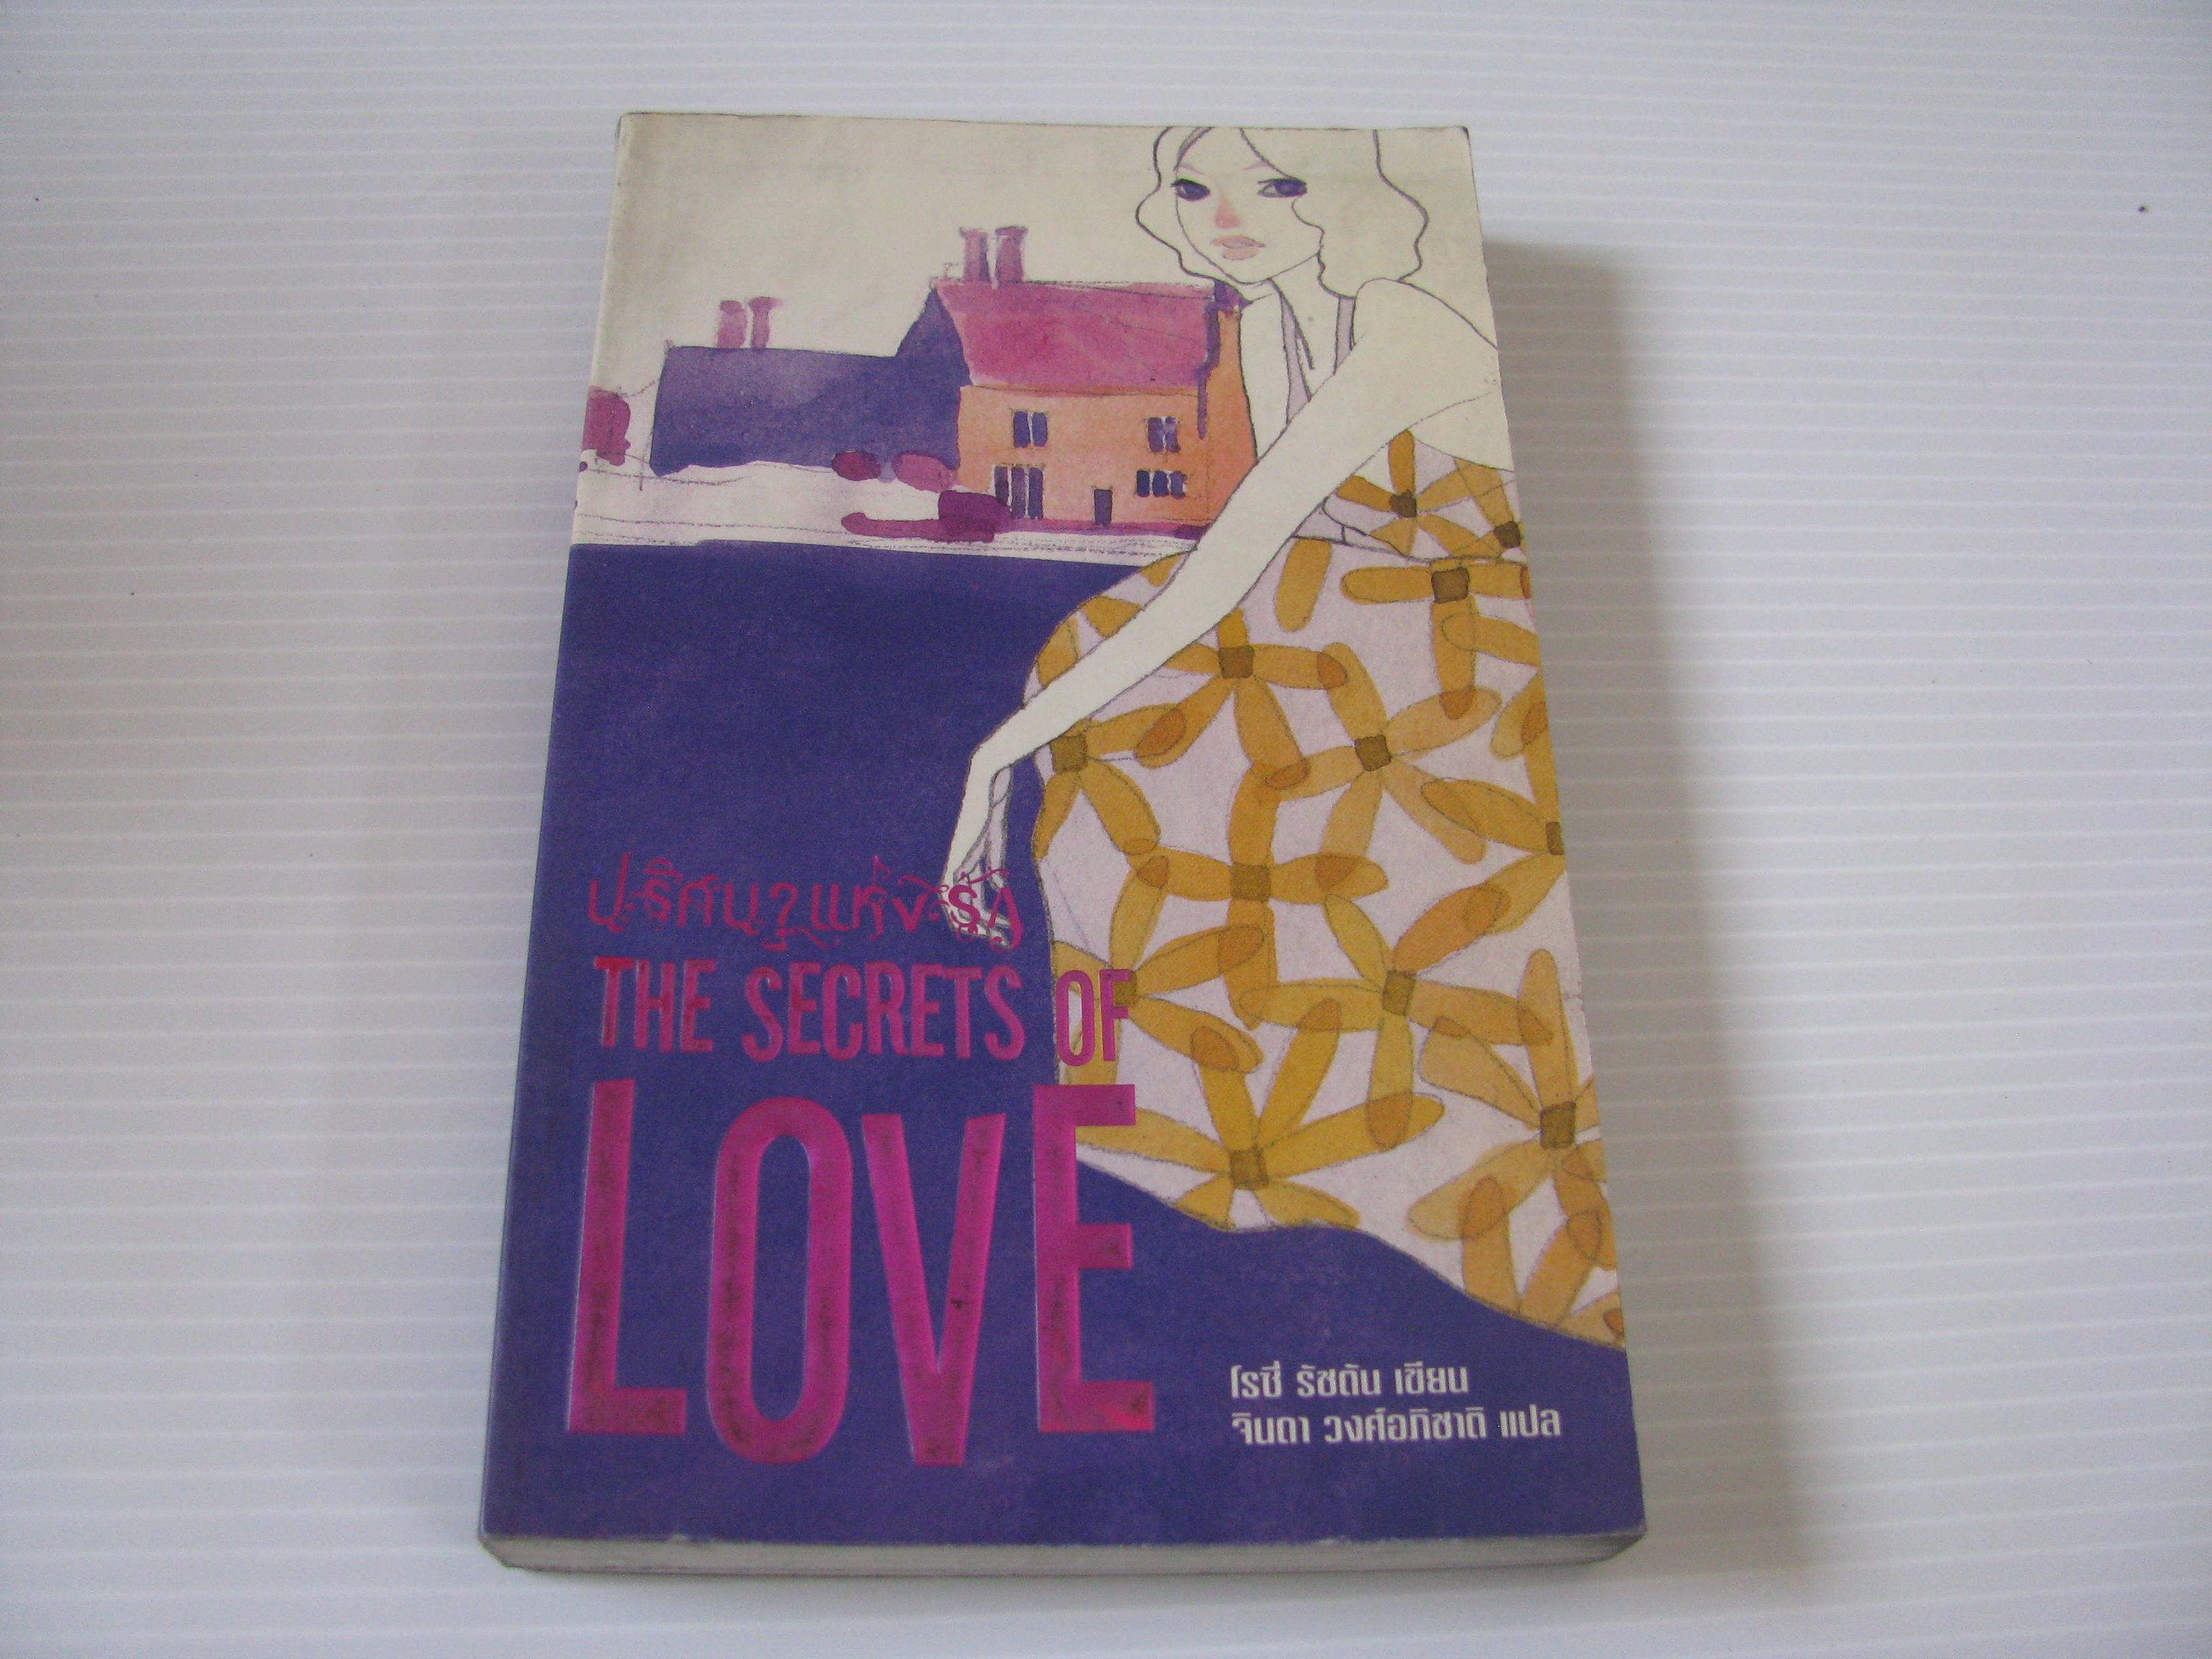 ปริศนาแห่งรัก (The Secrets of Love) โรซี่ รัชตัน เขียน จินดา วงศ์อภิชาติ แปล